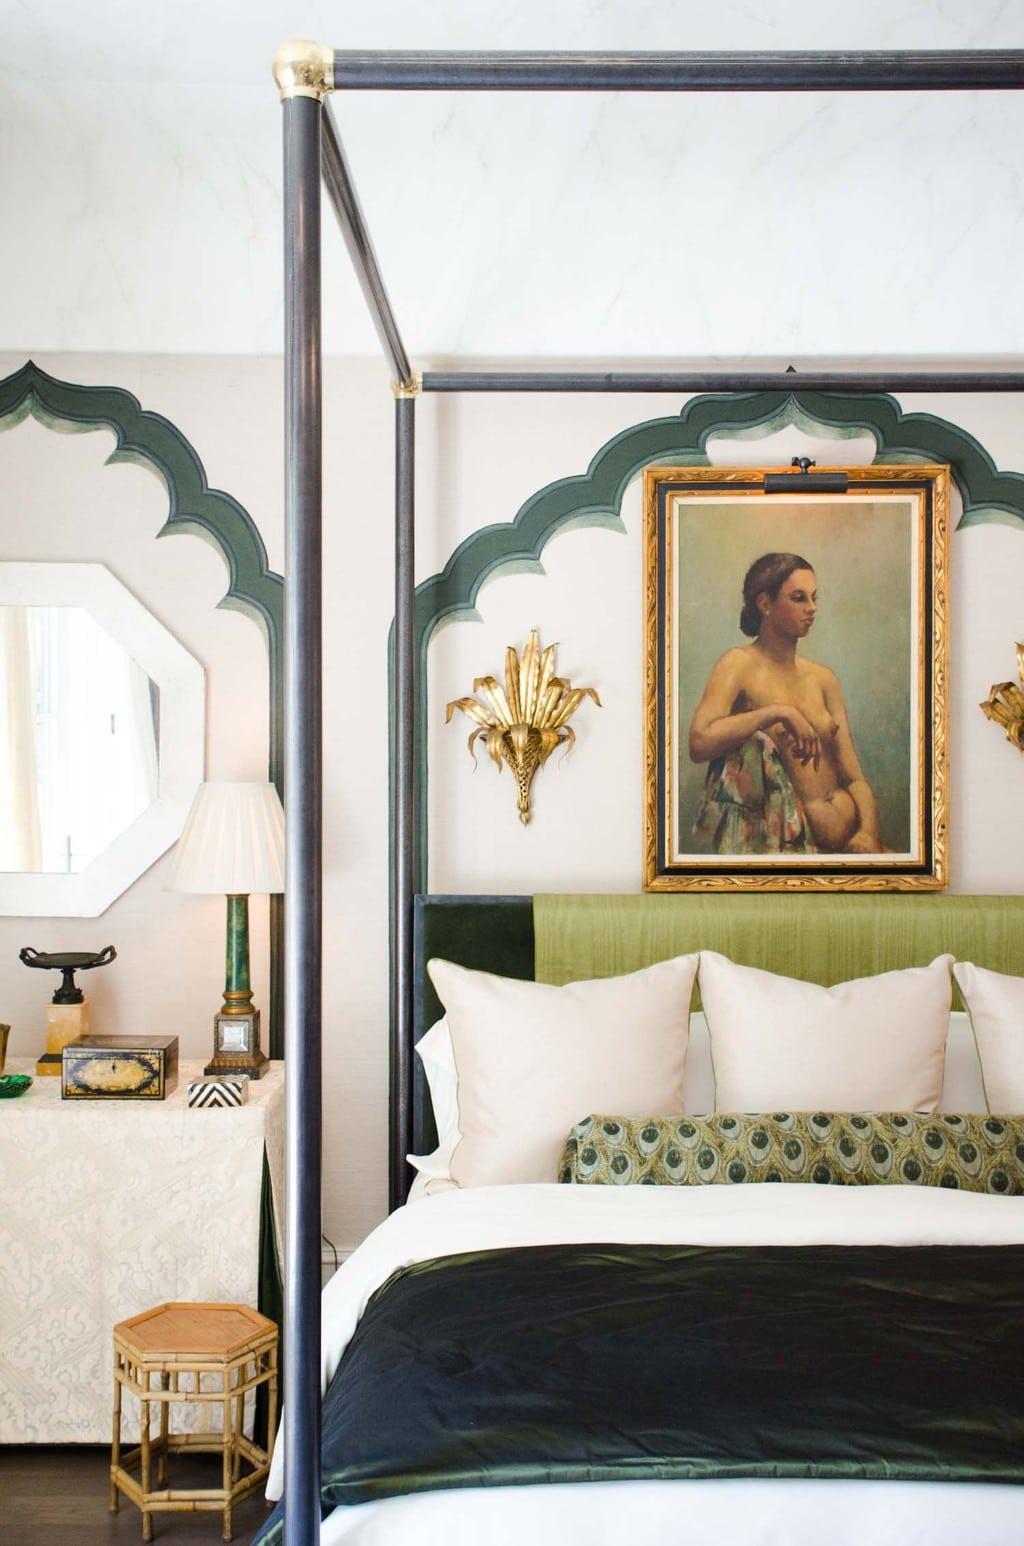 Robert Brown exotic bedroom design via @thouswellblog